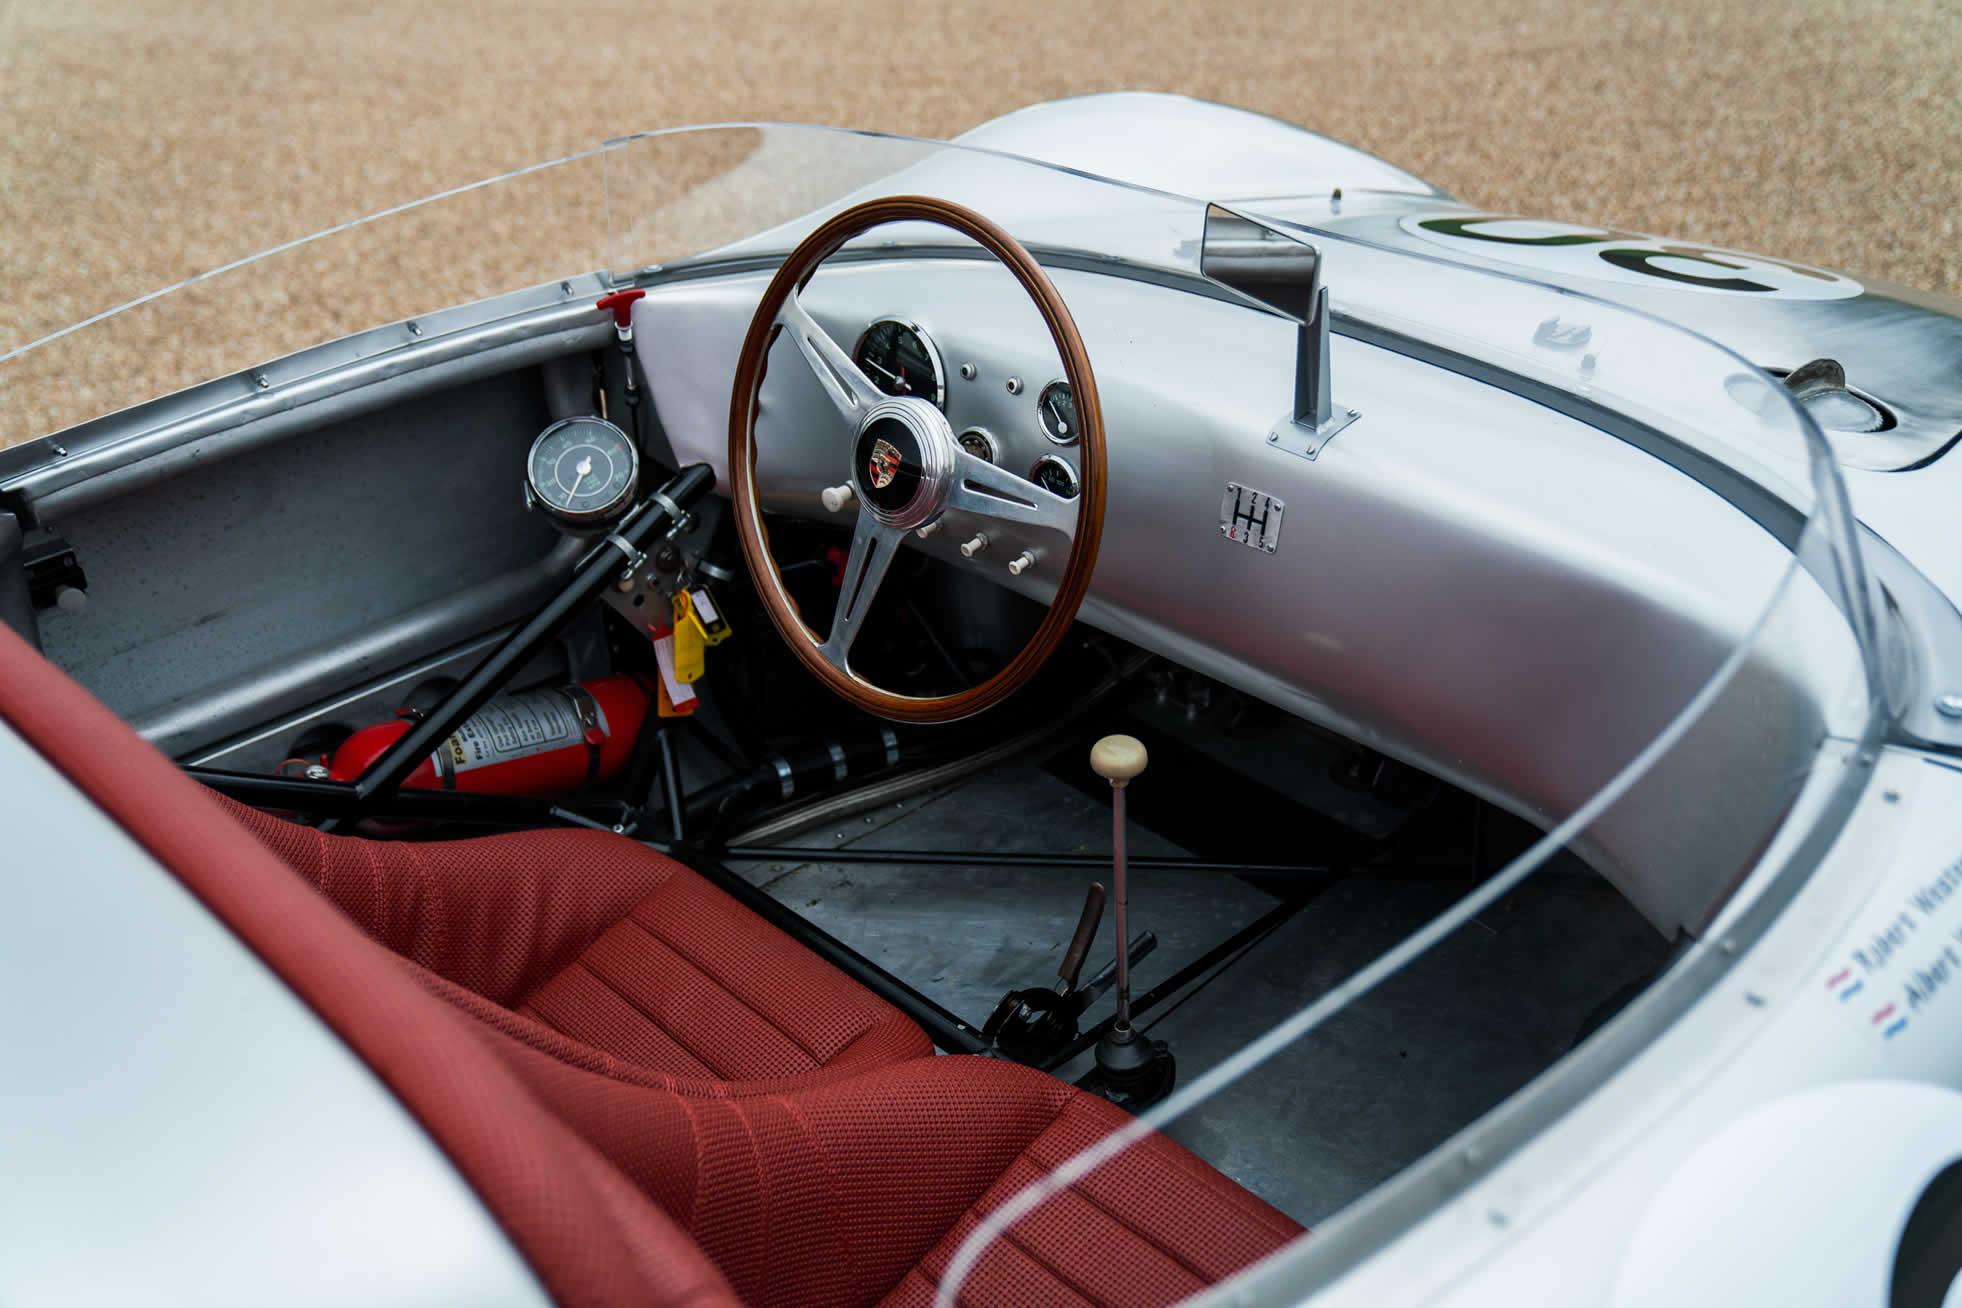 For sale, 1958 Porsche 718 RSK , Sports Purpose